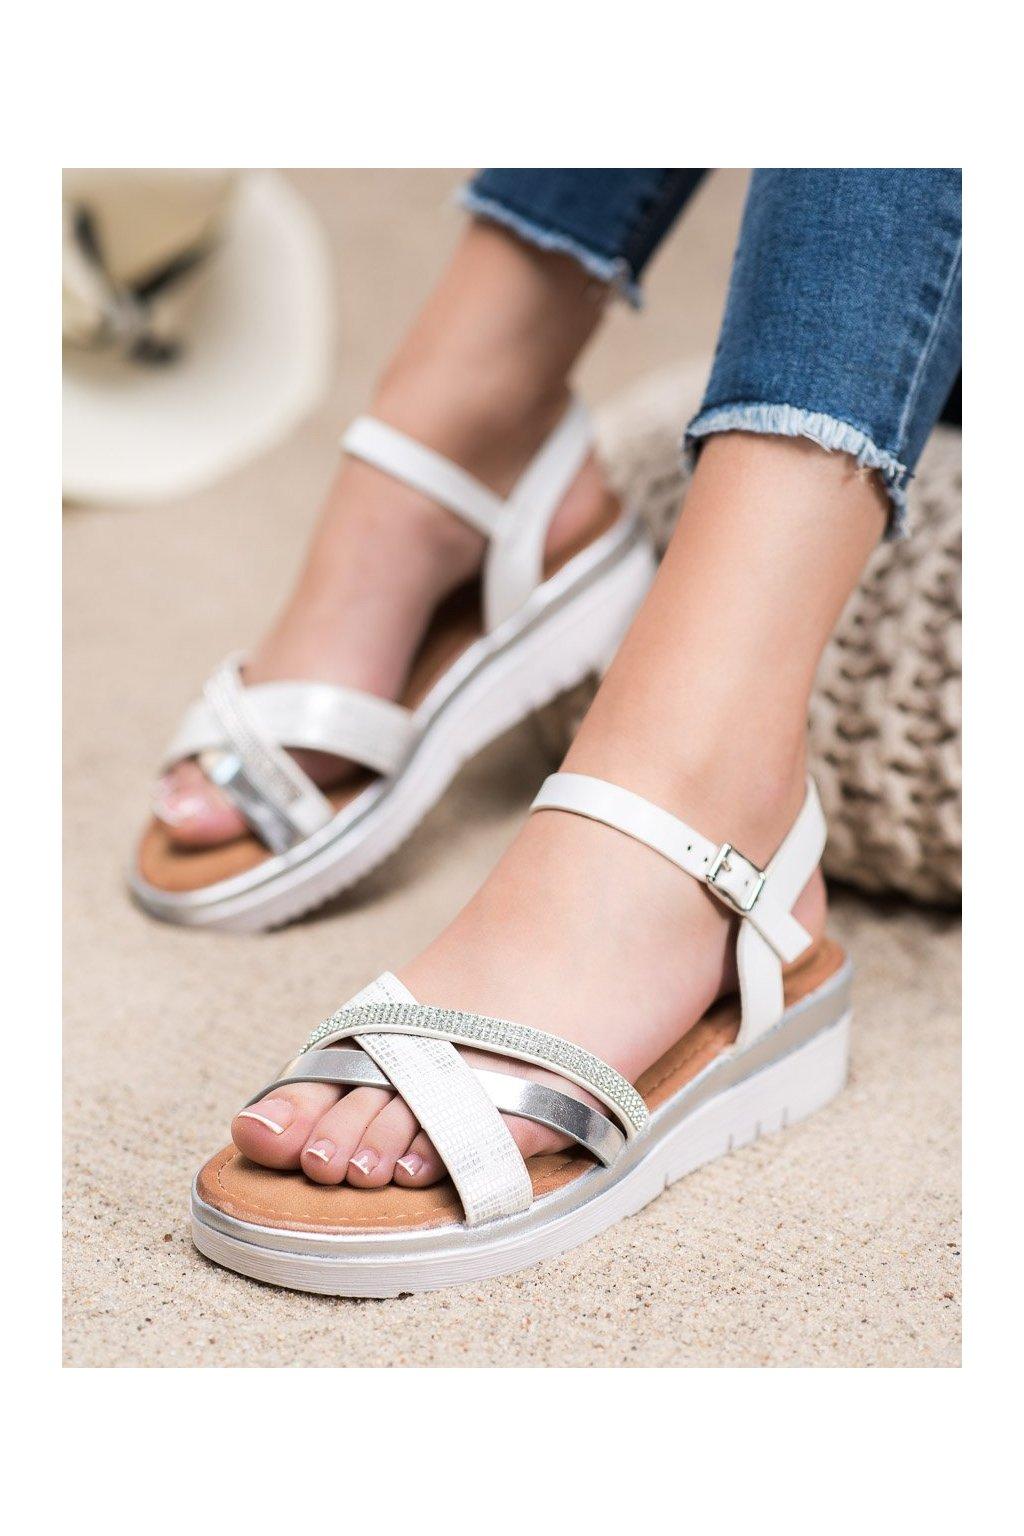 Sivé sandále s plochou podrážkou na platforme Small swan kod SK-67S